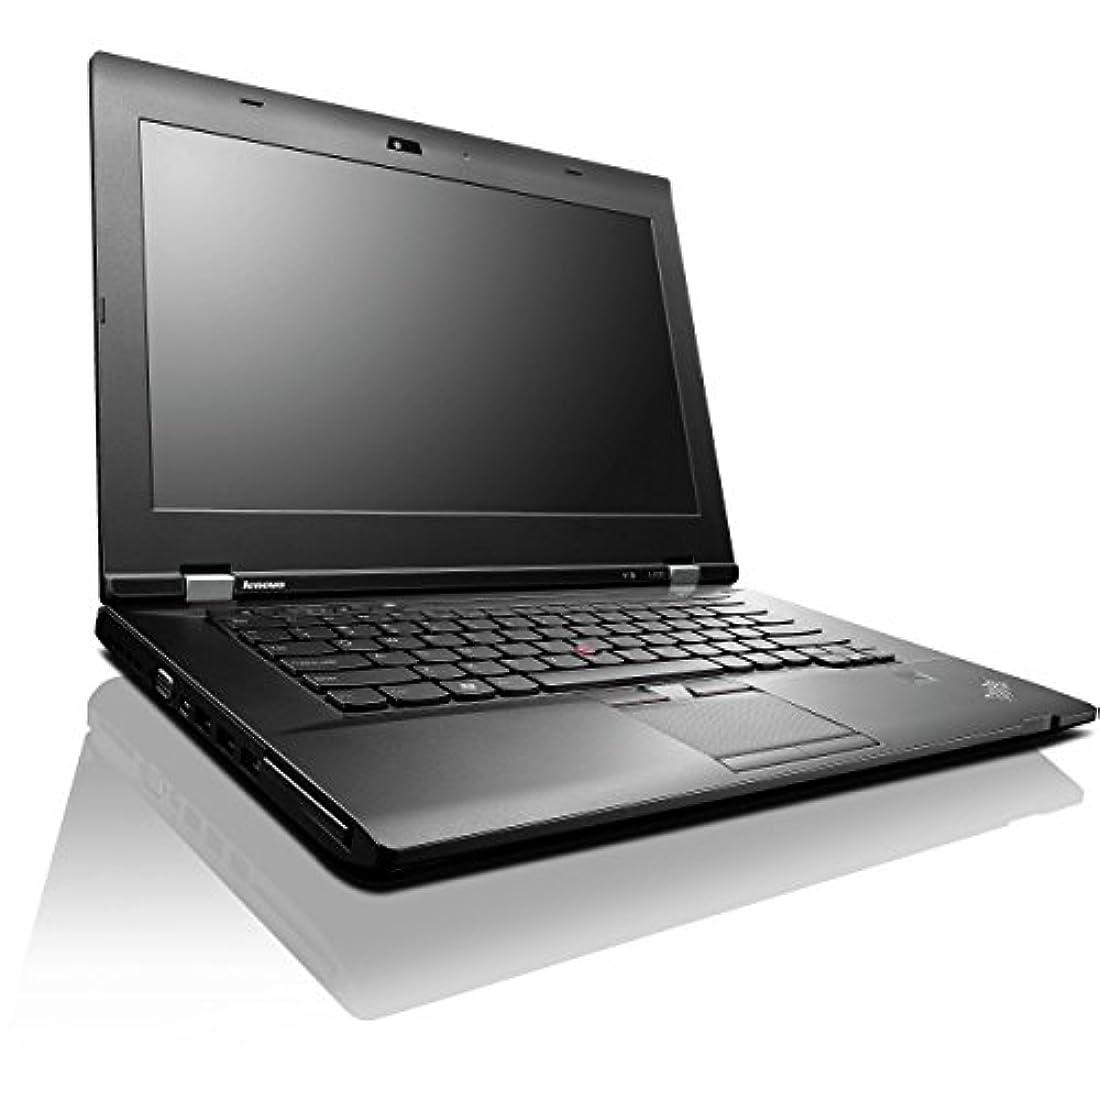 弁護強打企業【限定商品】【Microsoft Office2016搭載】【Win 10 搭載】 LENOVO L430 第三世代i5-3210M 2.5GHz搭載 大容量メモリー8GB搭載 HDD500GB搭載 DVD-RW搭載 無線LAN搭載 14インチワイド